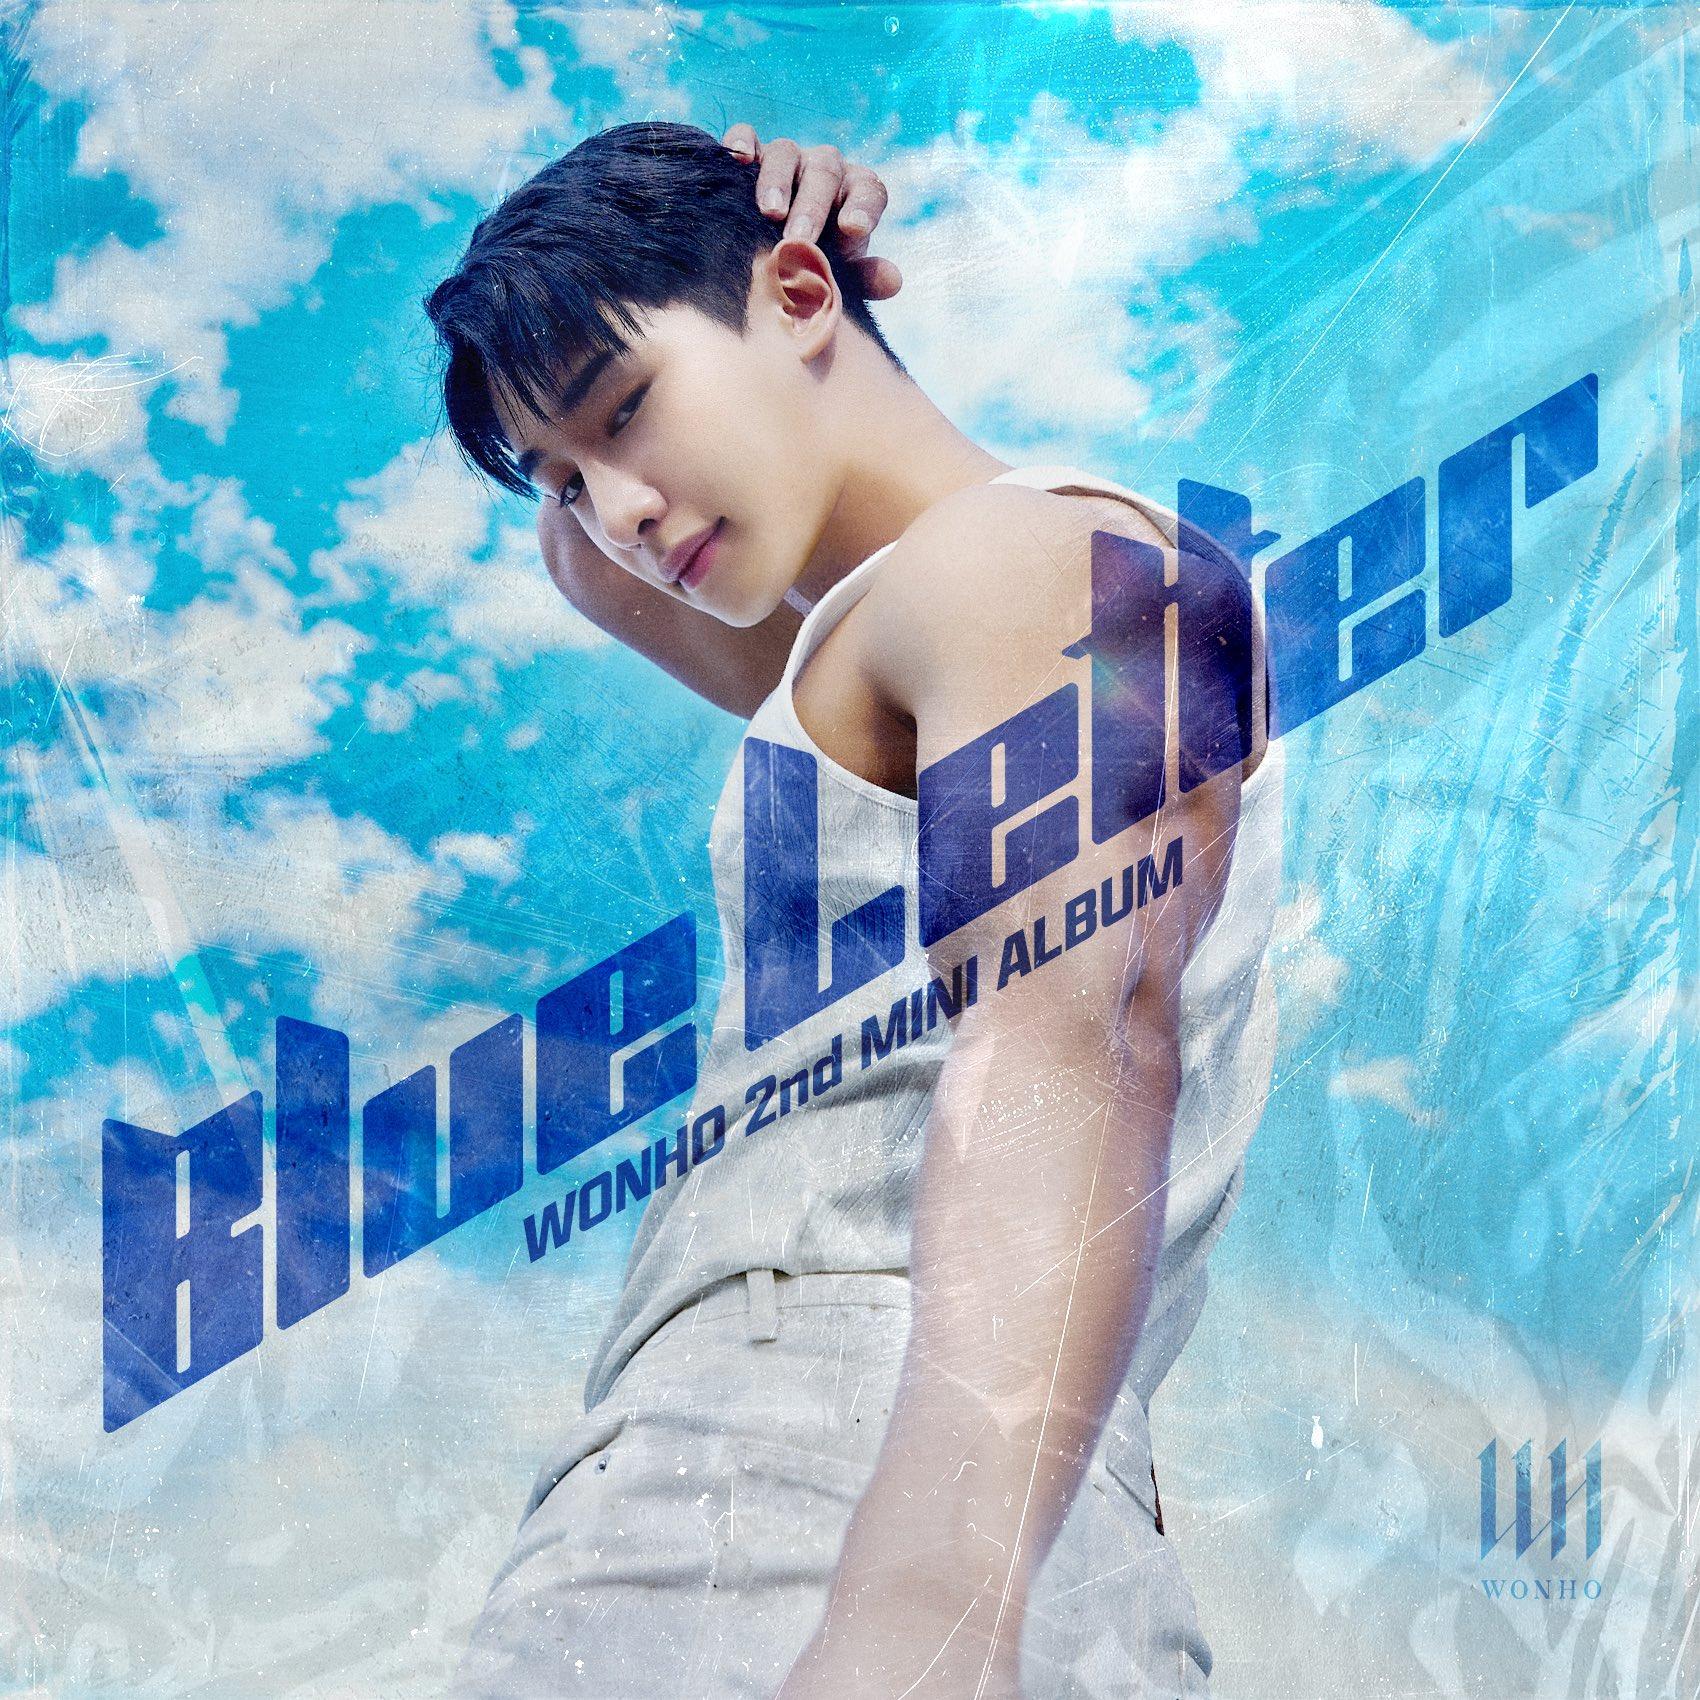 WONHO - Blue Letter